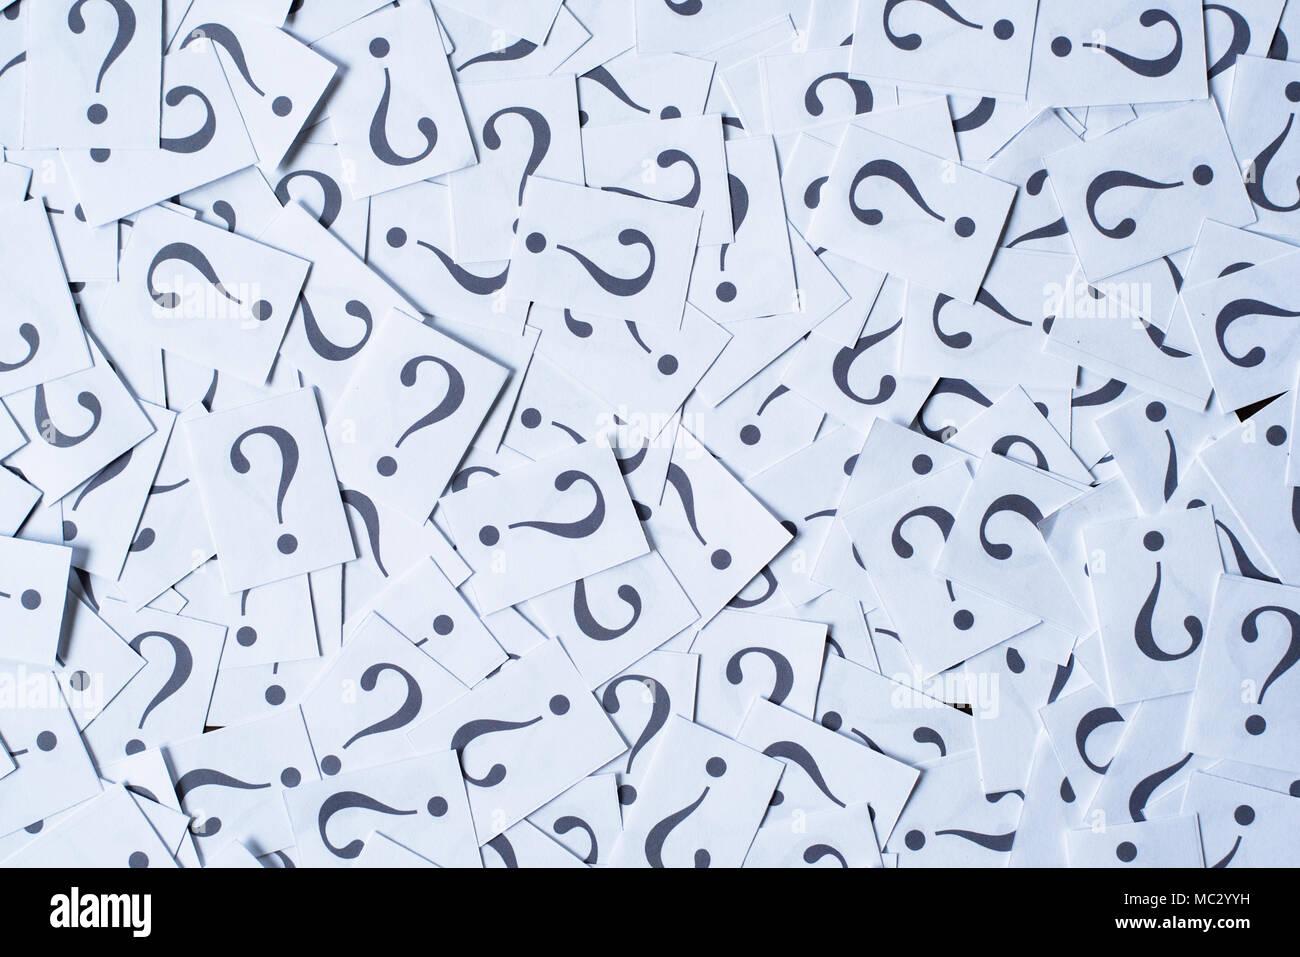 Cumulo di carta bianca nota con un punto interrogativo come sfondo. FAQ e Q&un concetto Immagini Stock